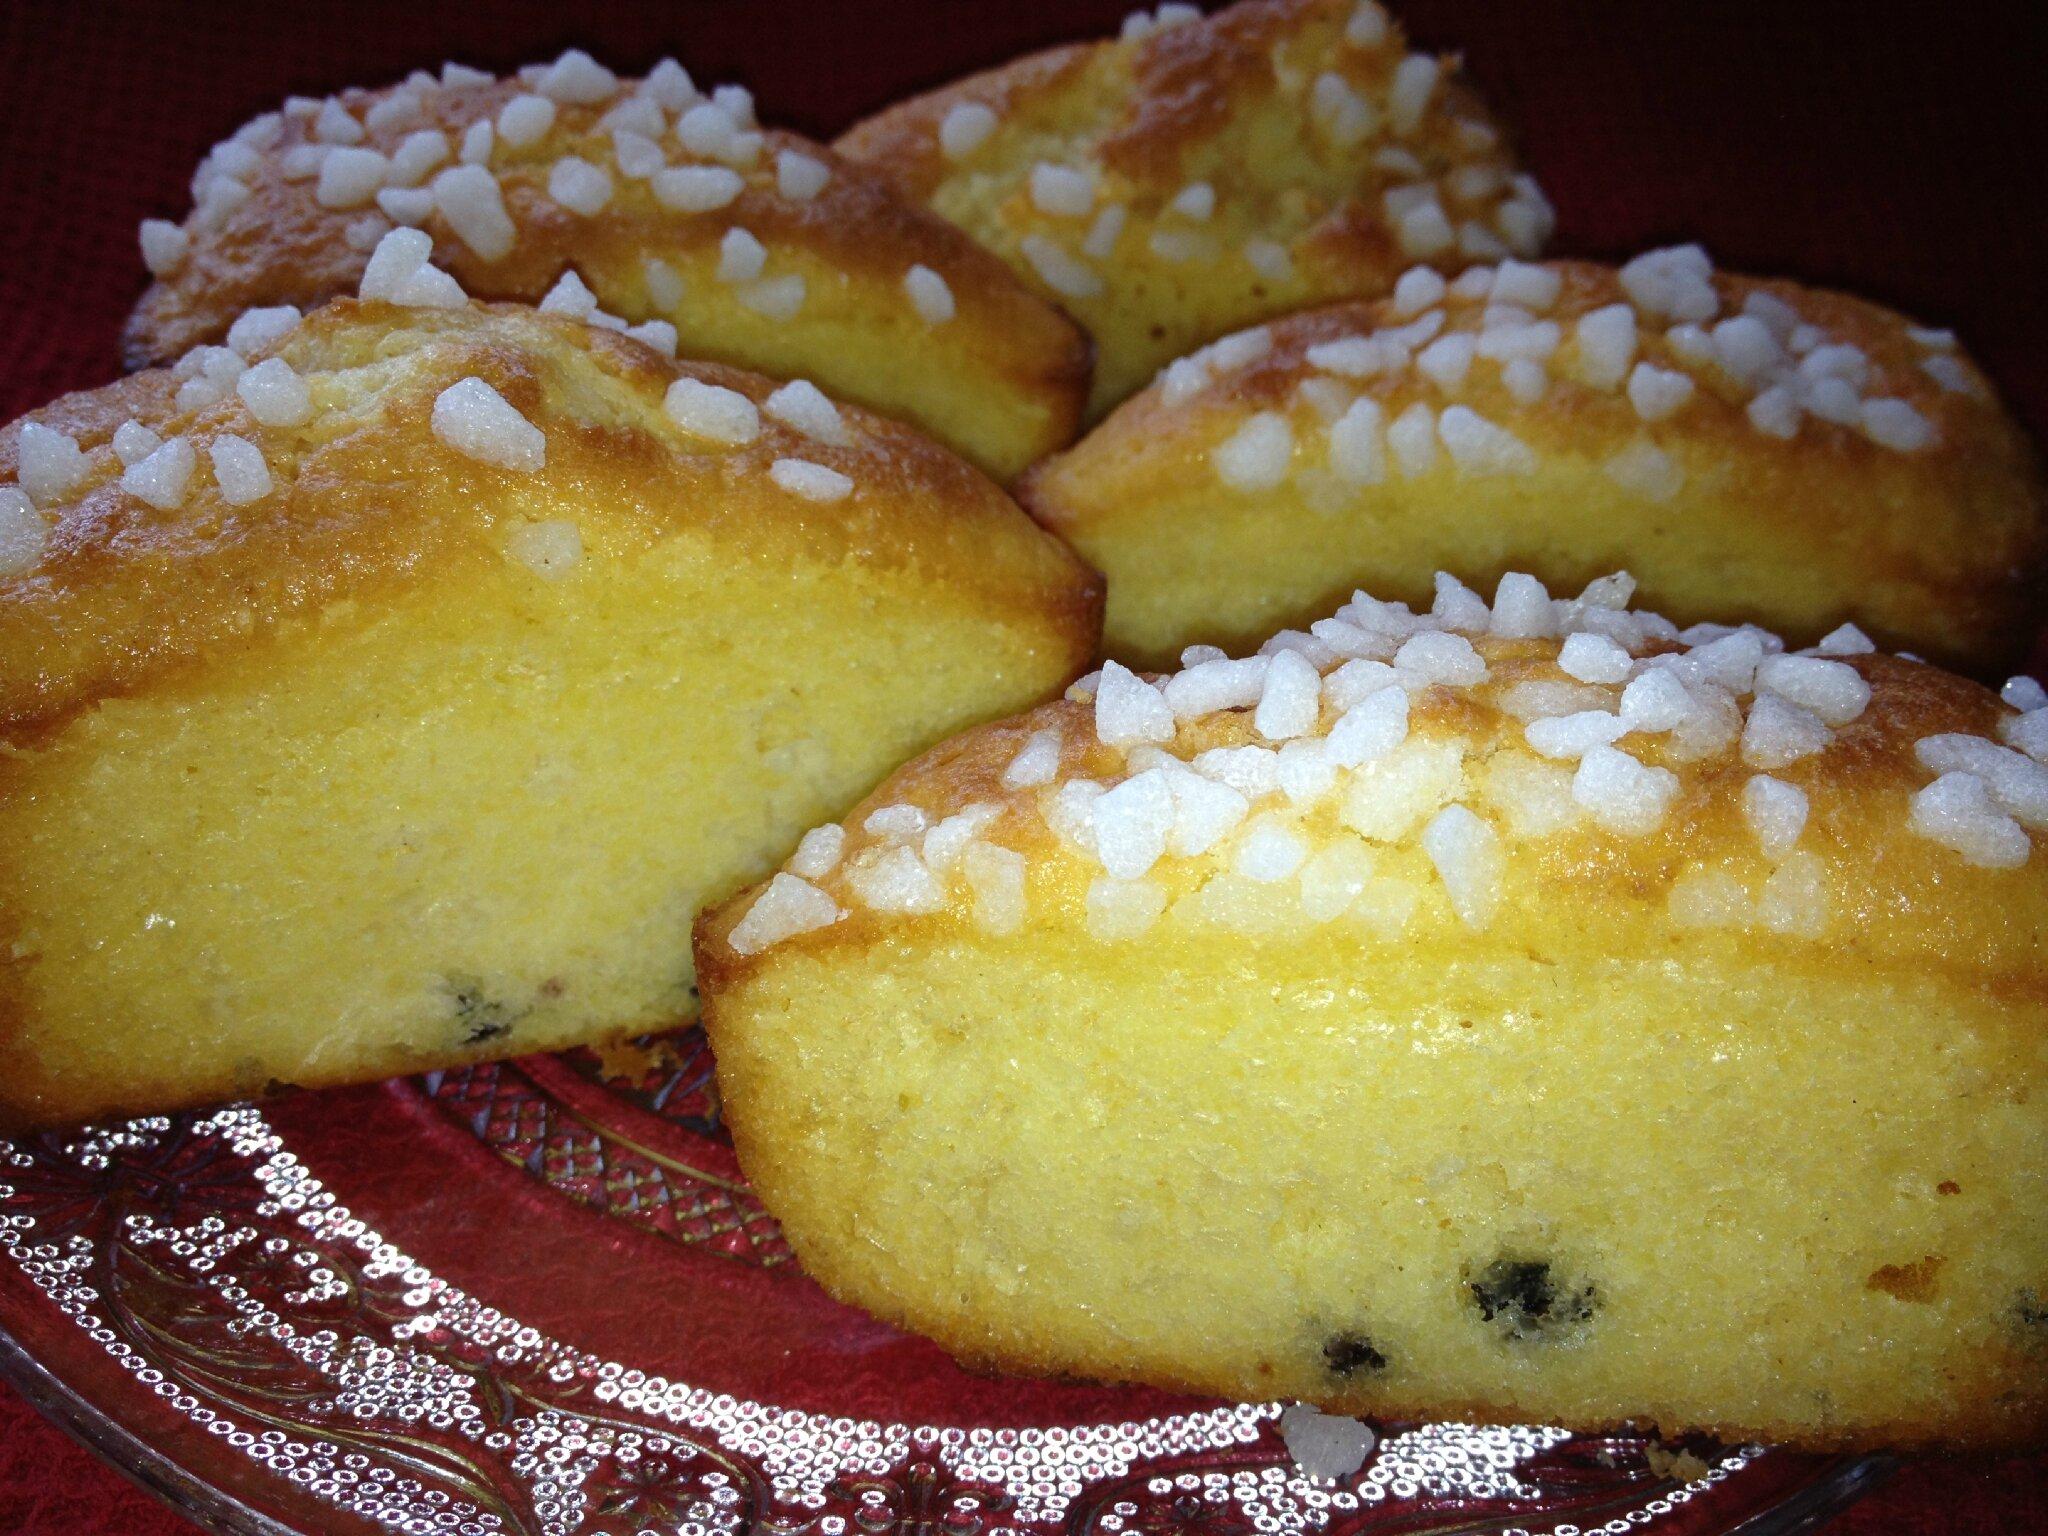 Gâteau amandes coco - Nanouk cuisine on